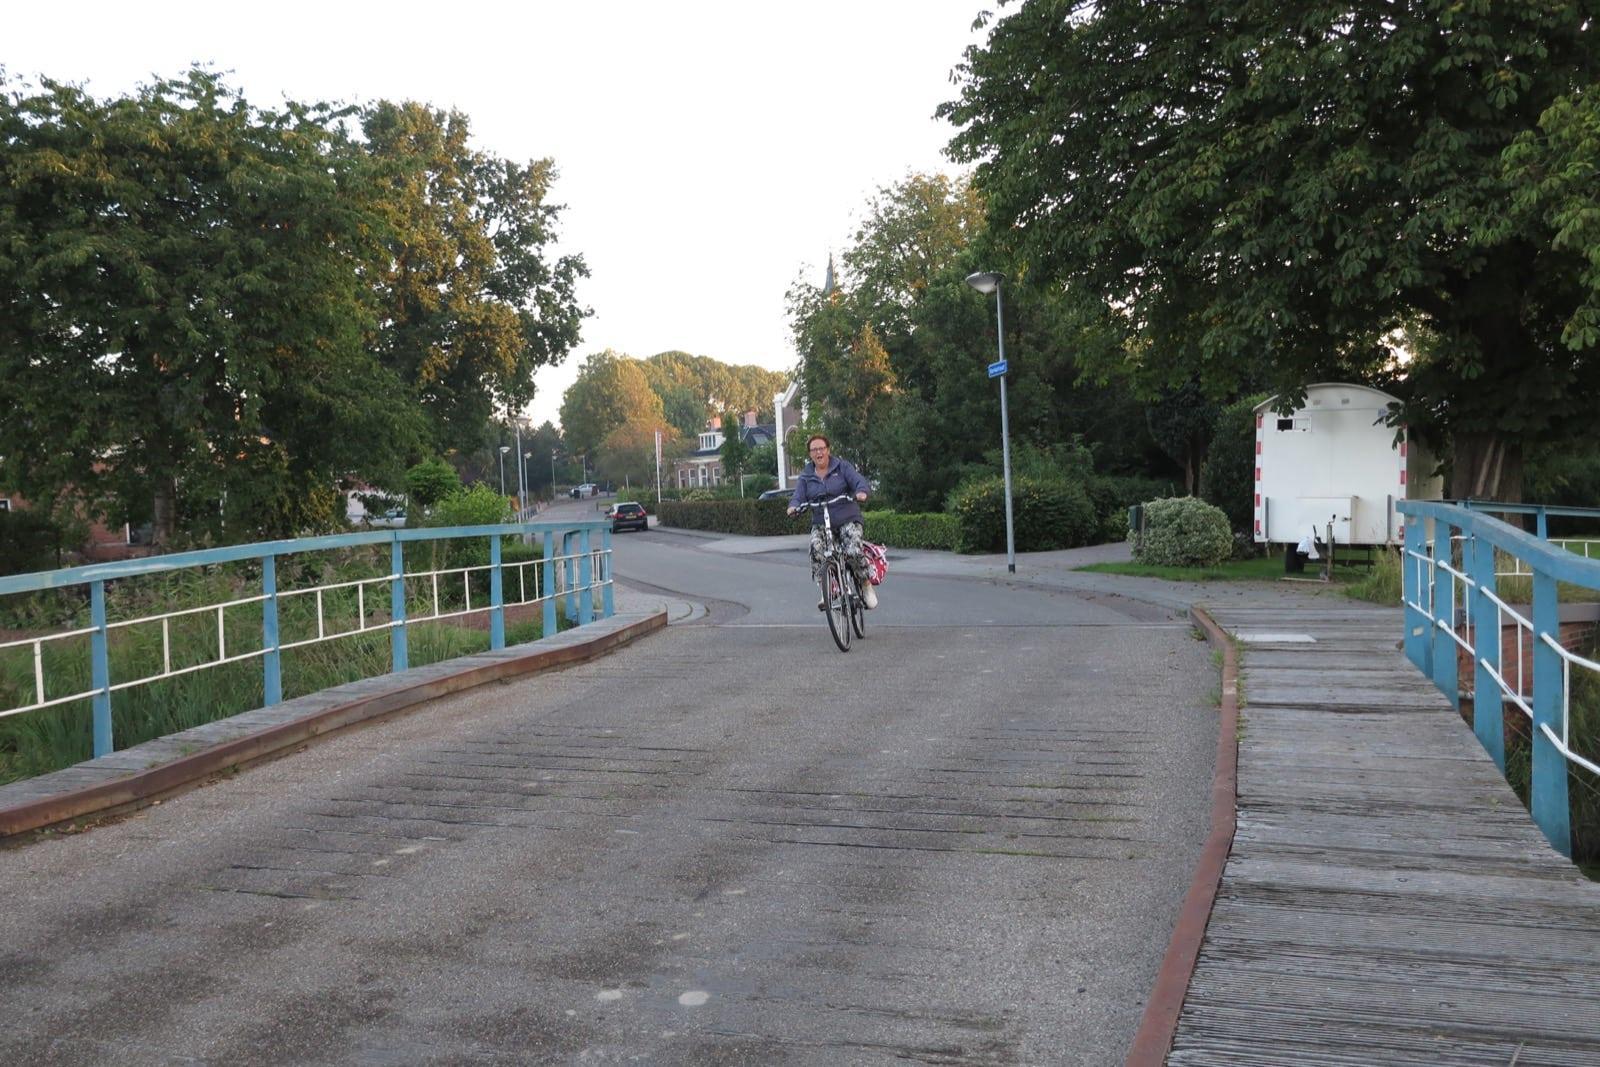 et-fiets-en-fietser-67-janny-sibma-ten-cate-oi.jpg